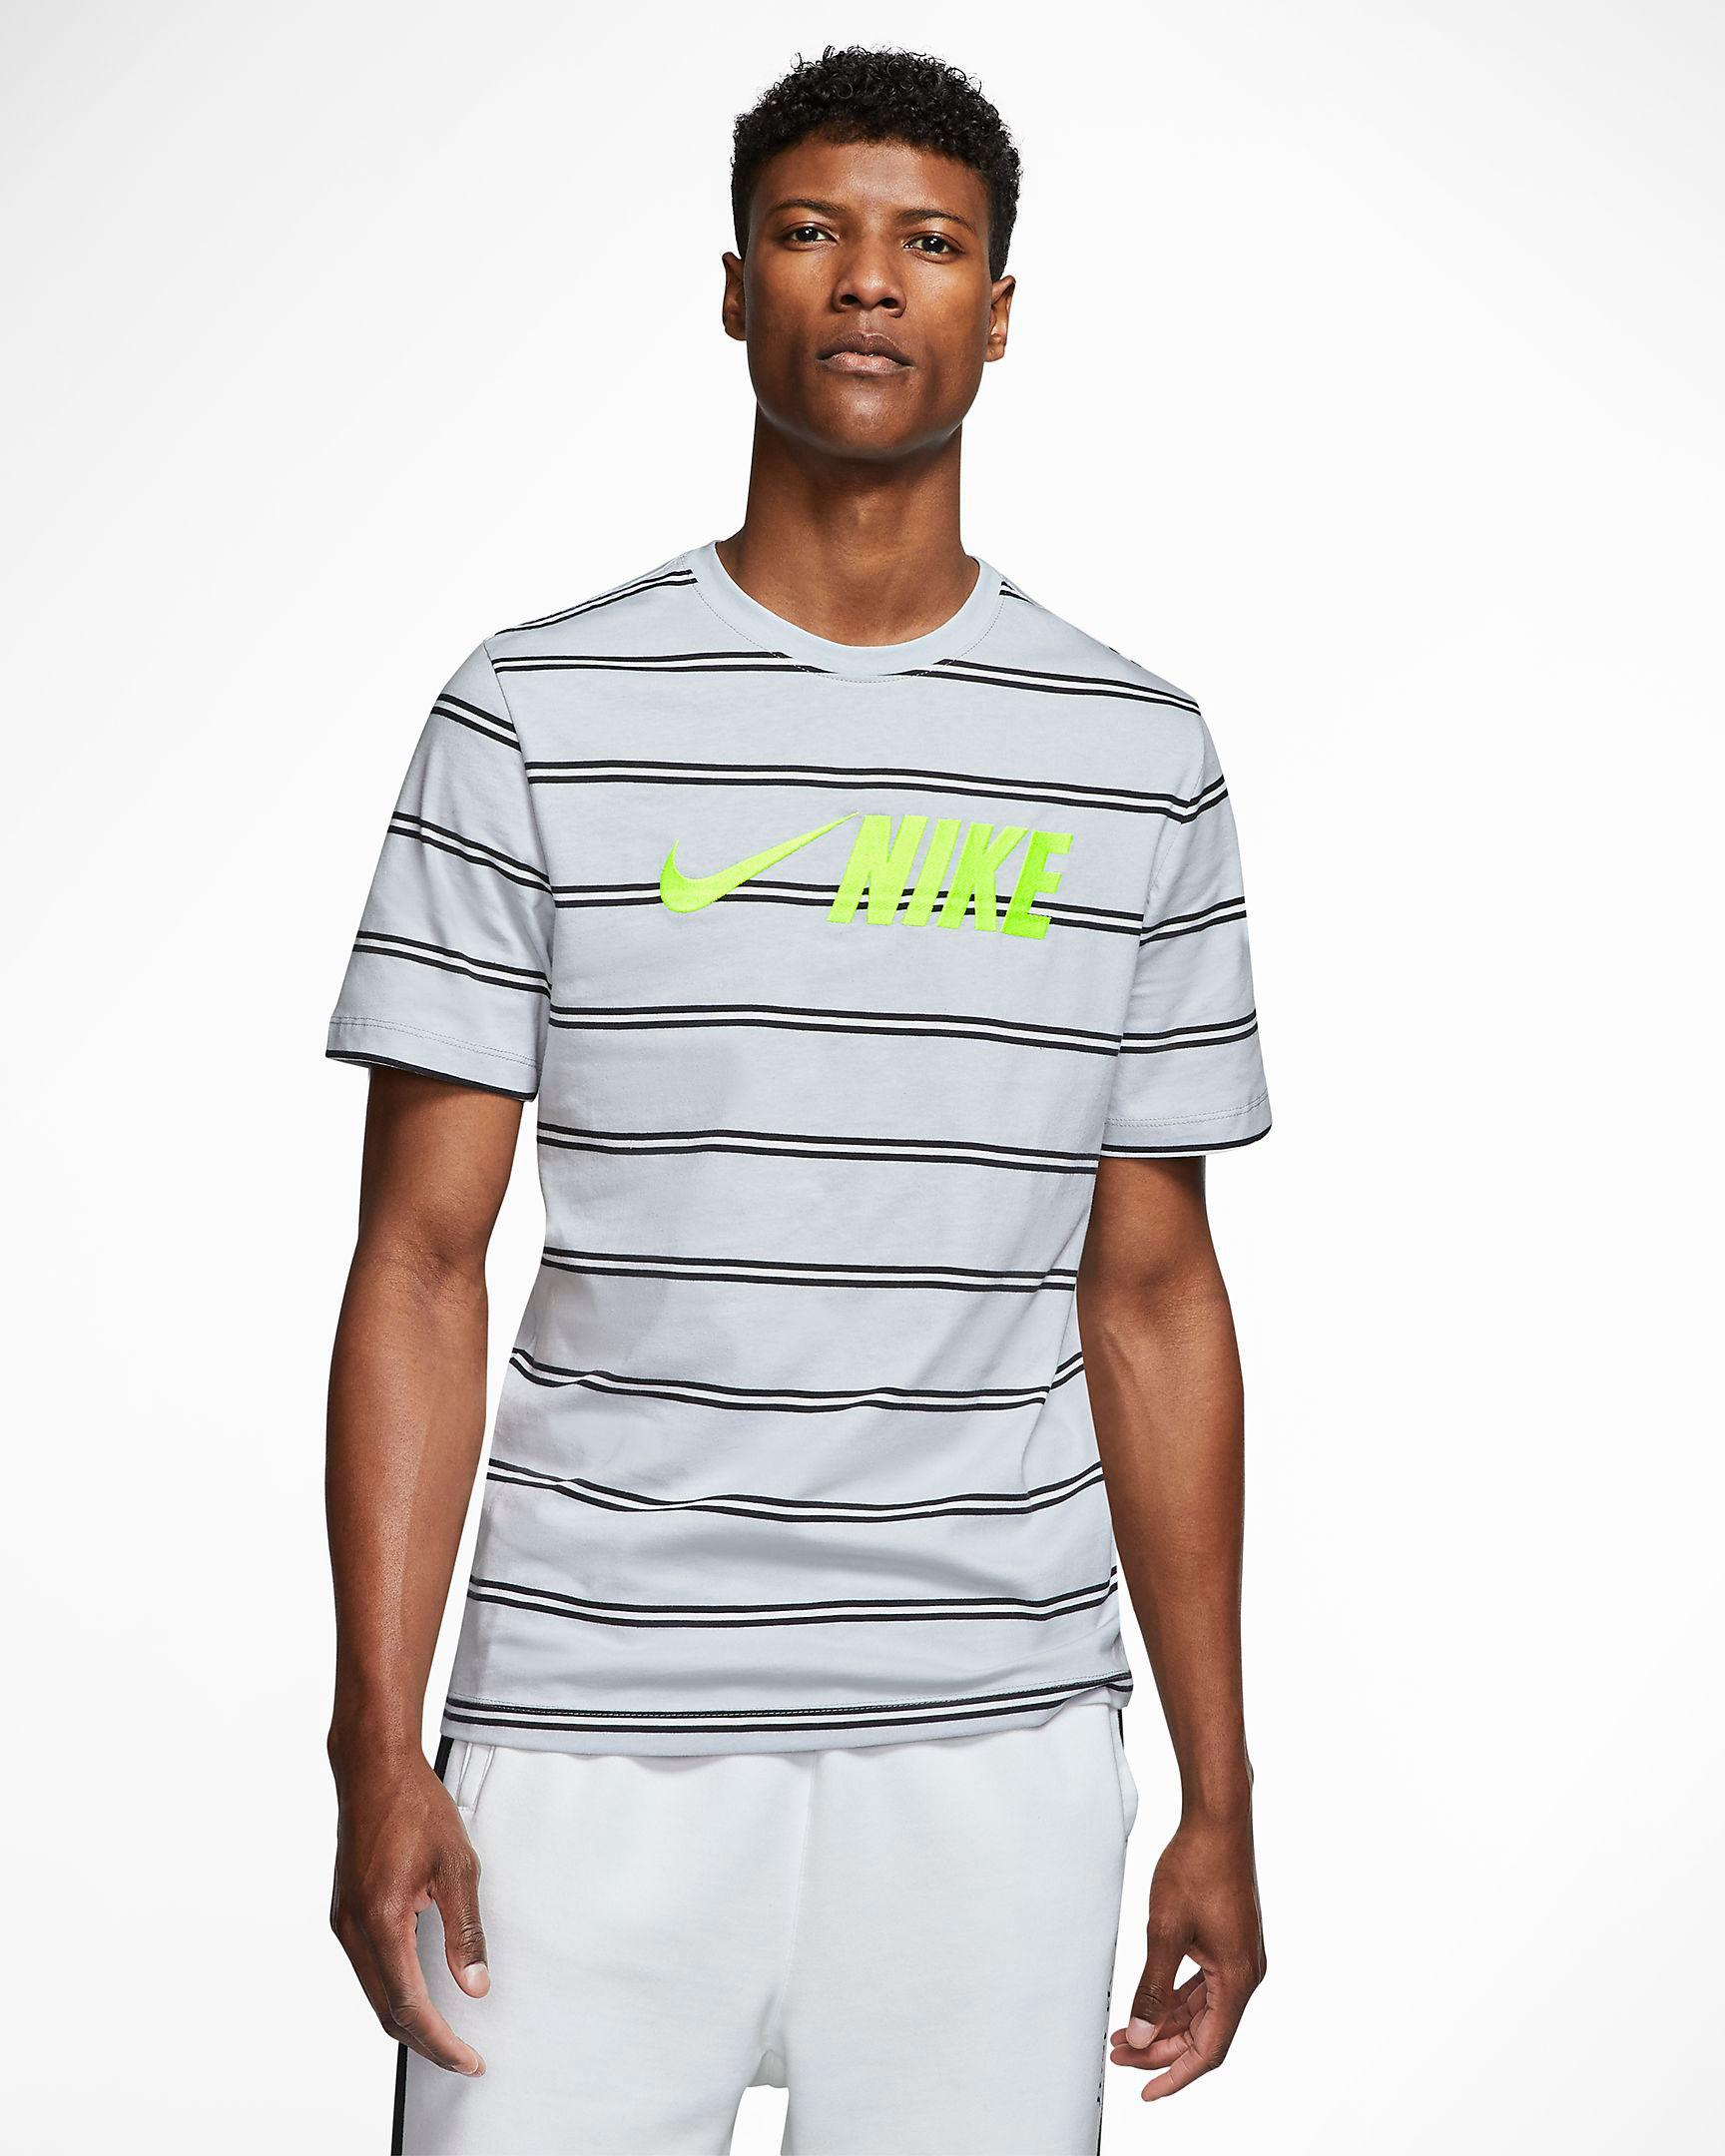 nike-air-max-volt-shirt-1